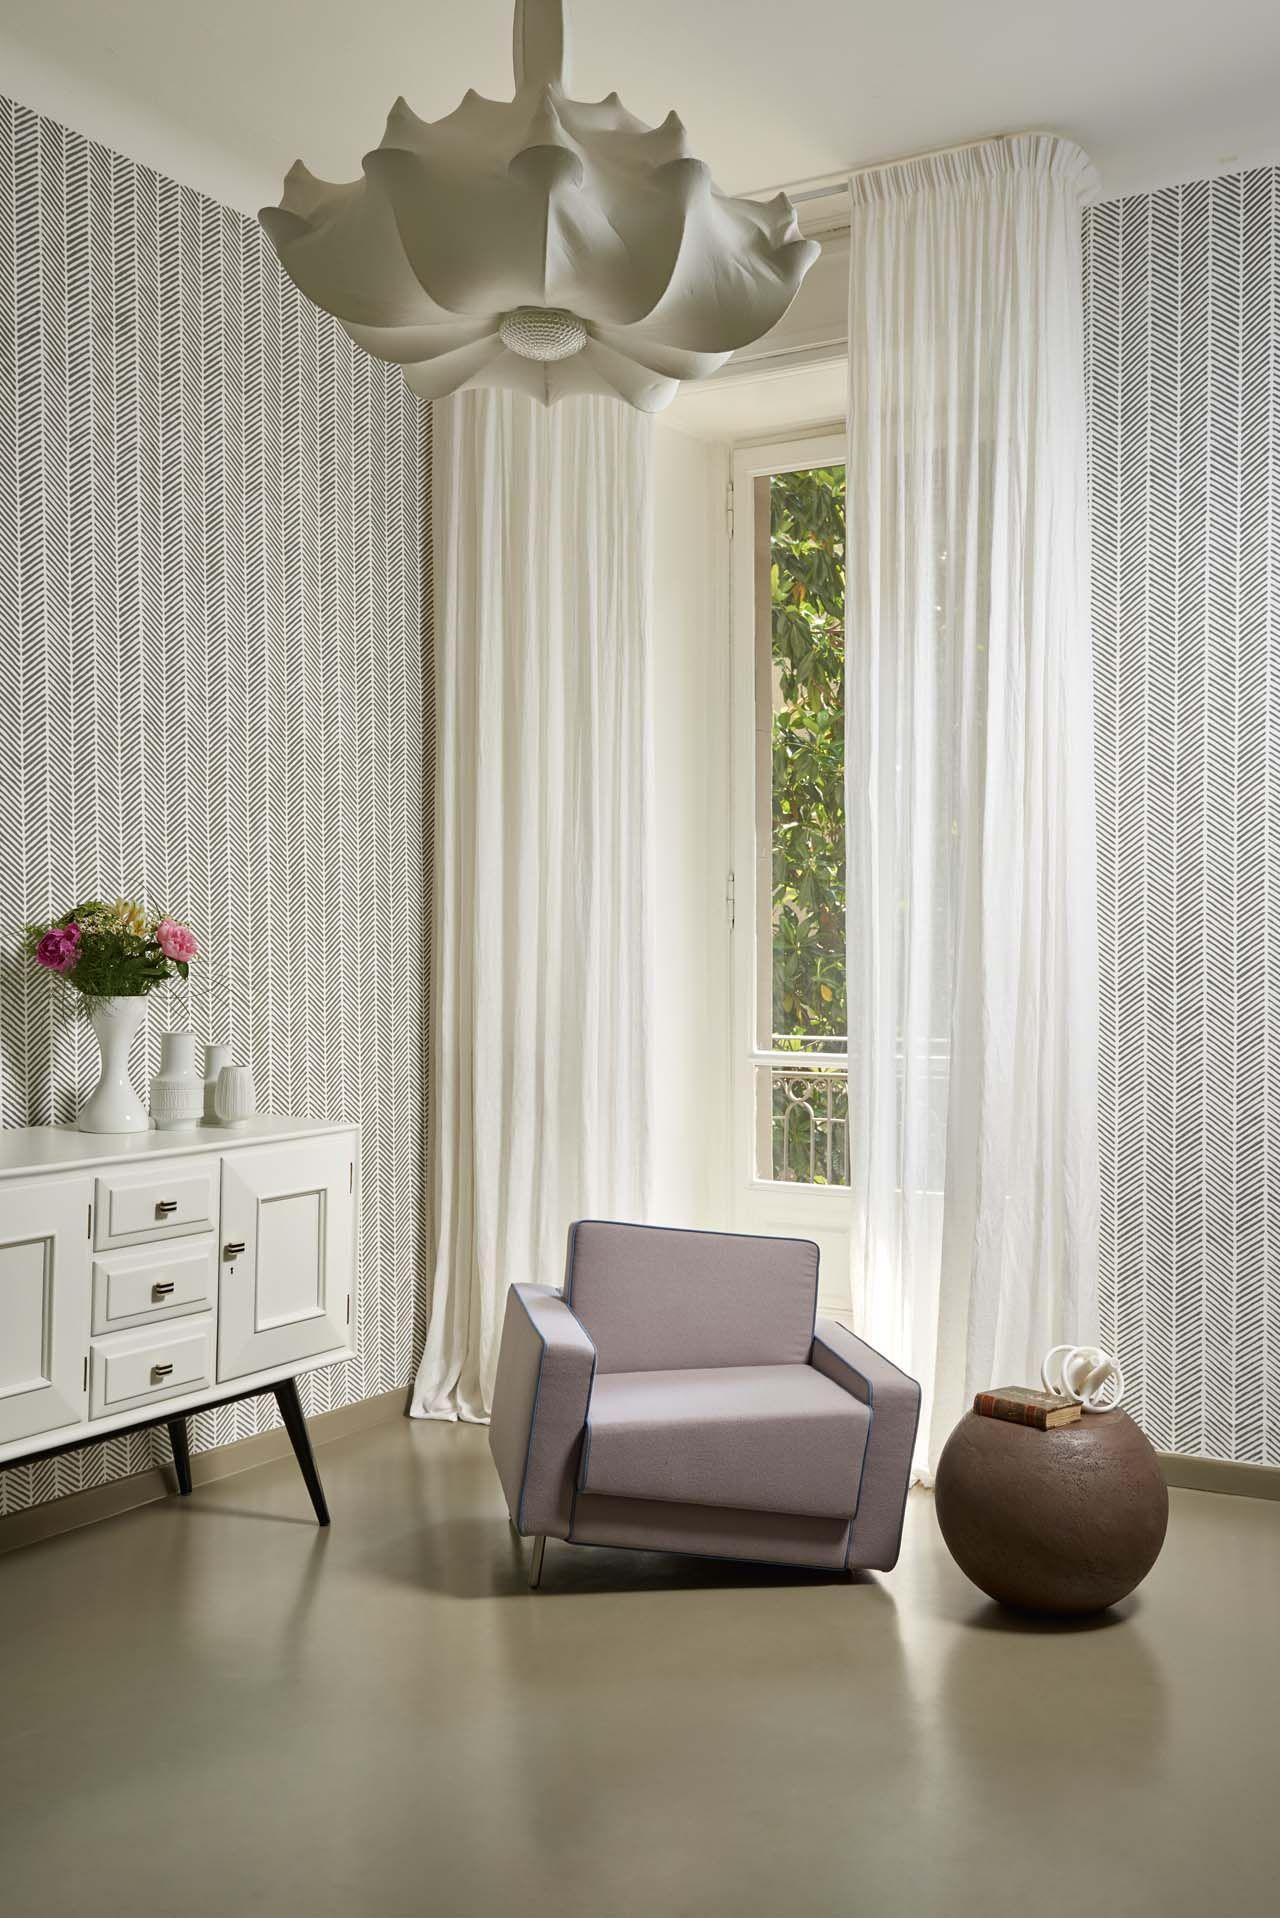 Top 10 Italian Furniture Brands Italian Furniture Italian